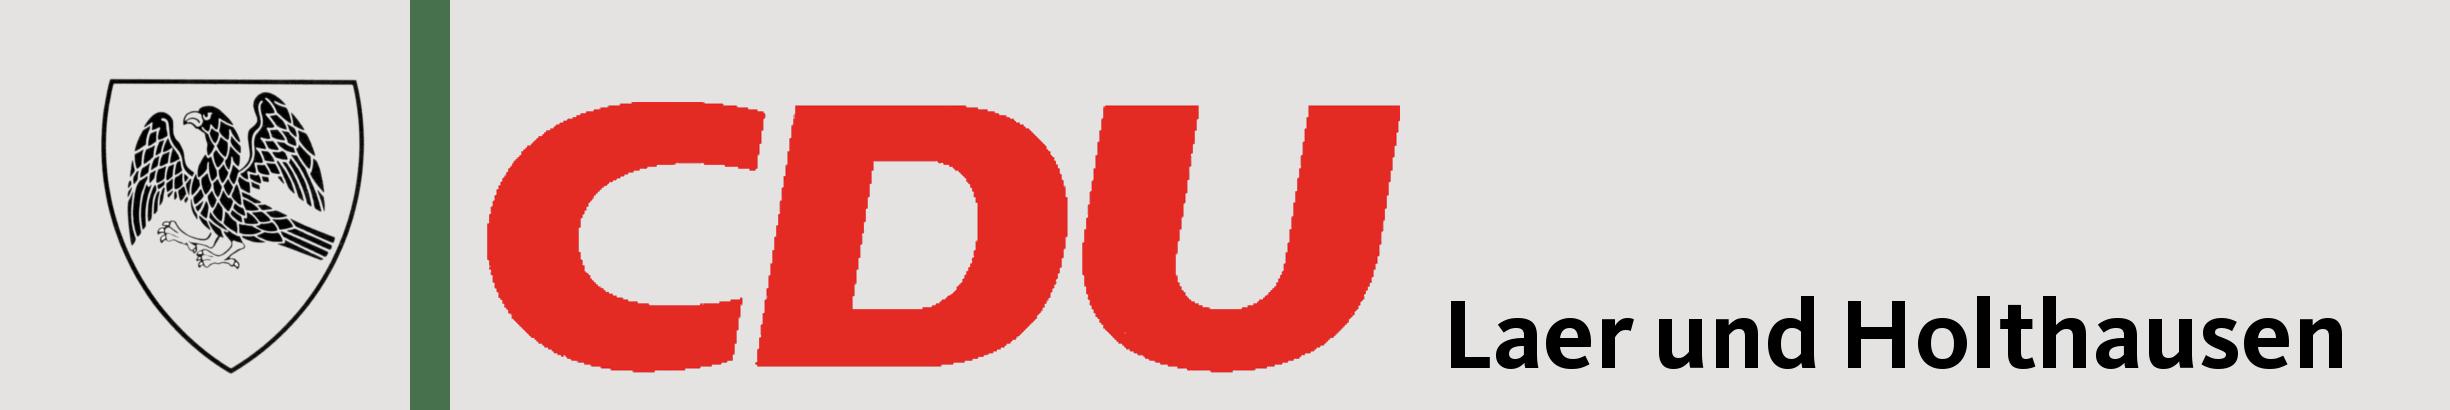 CDU Laer und Holthausen